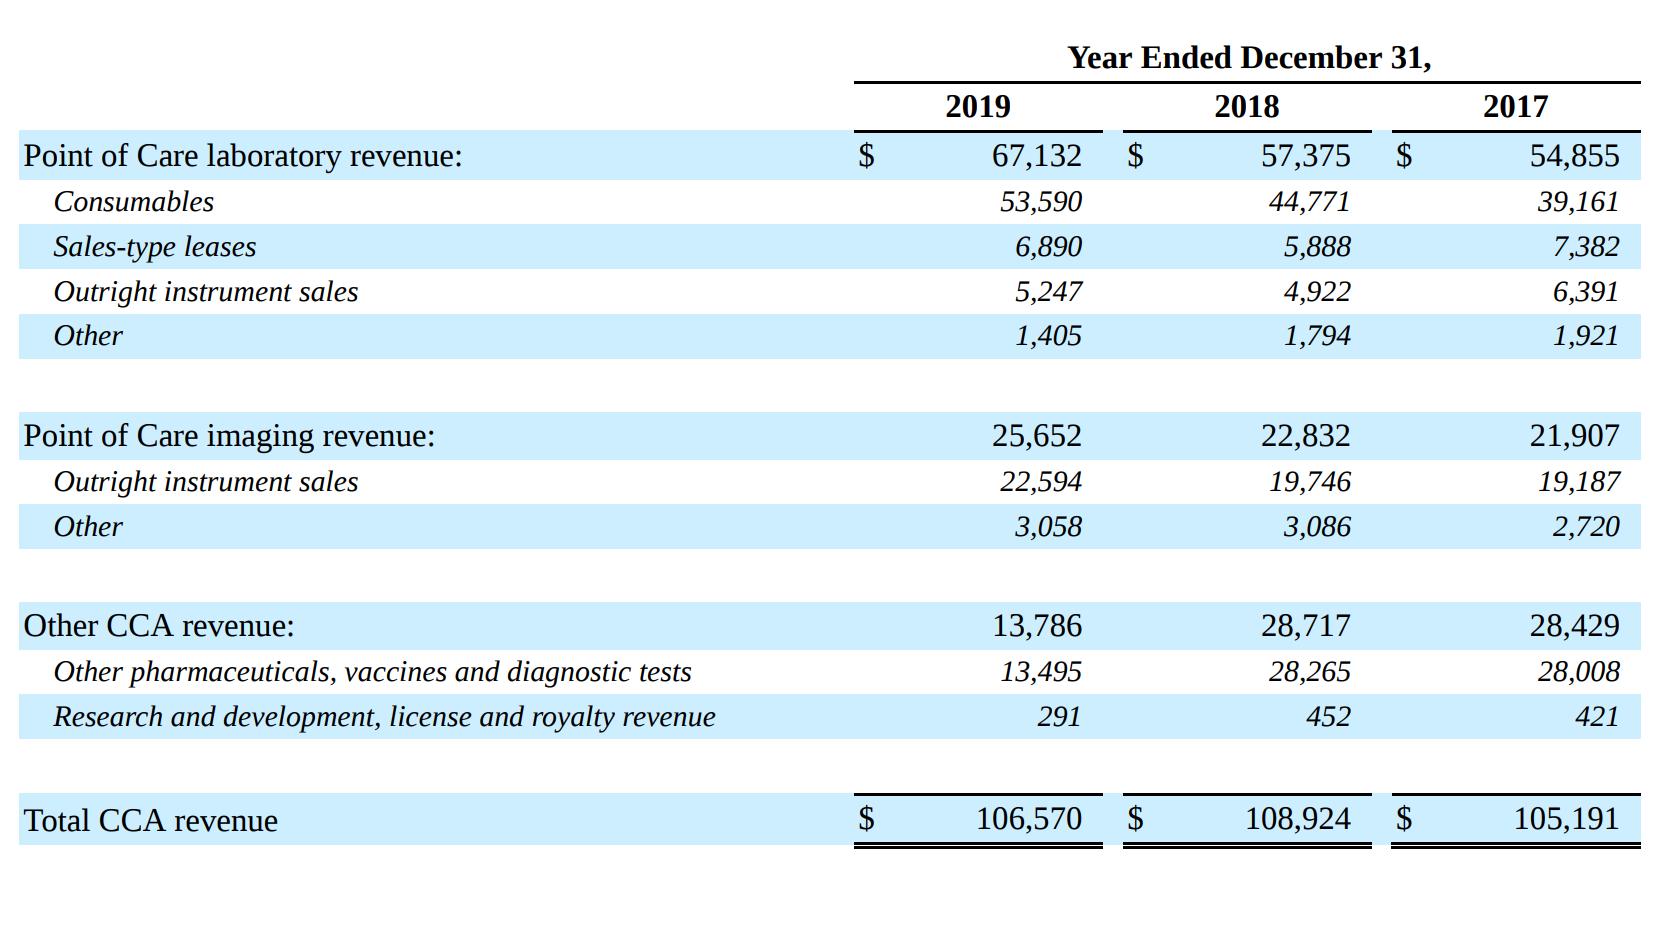 Разделение выручки основного ветеринарного бизнеса в тысячах долларов. Источник: годовой отчет компании, стр.70(73)